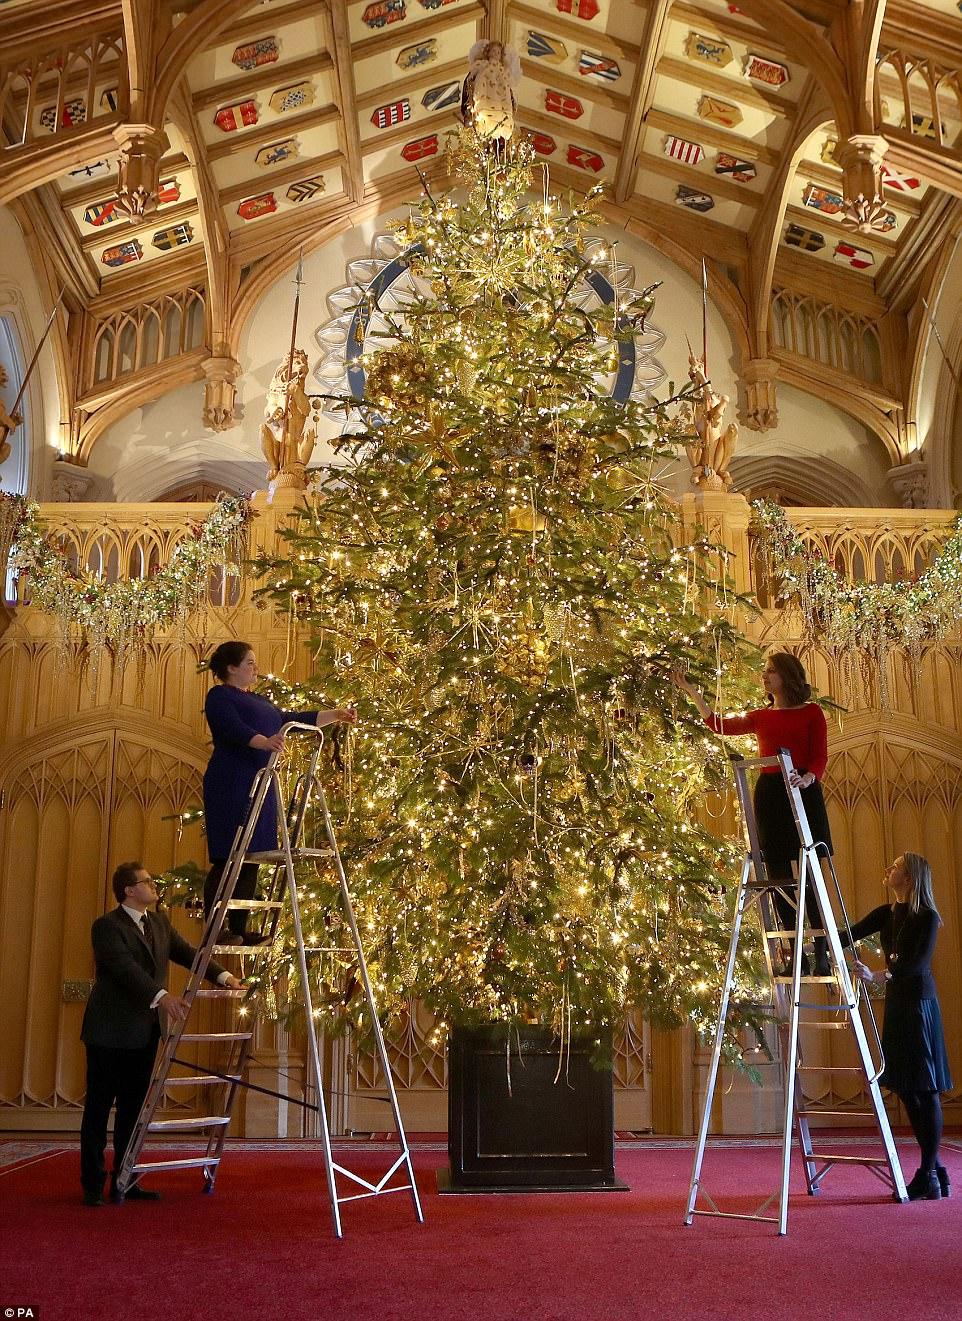 Рождество по-королевски: замок Елизаветы II украсили к празднику (9 фото)